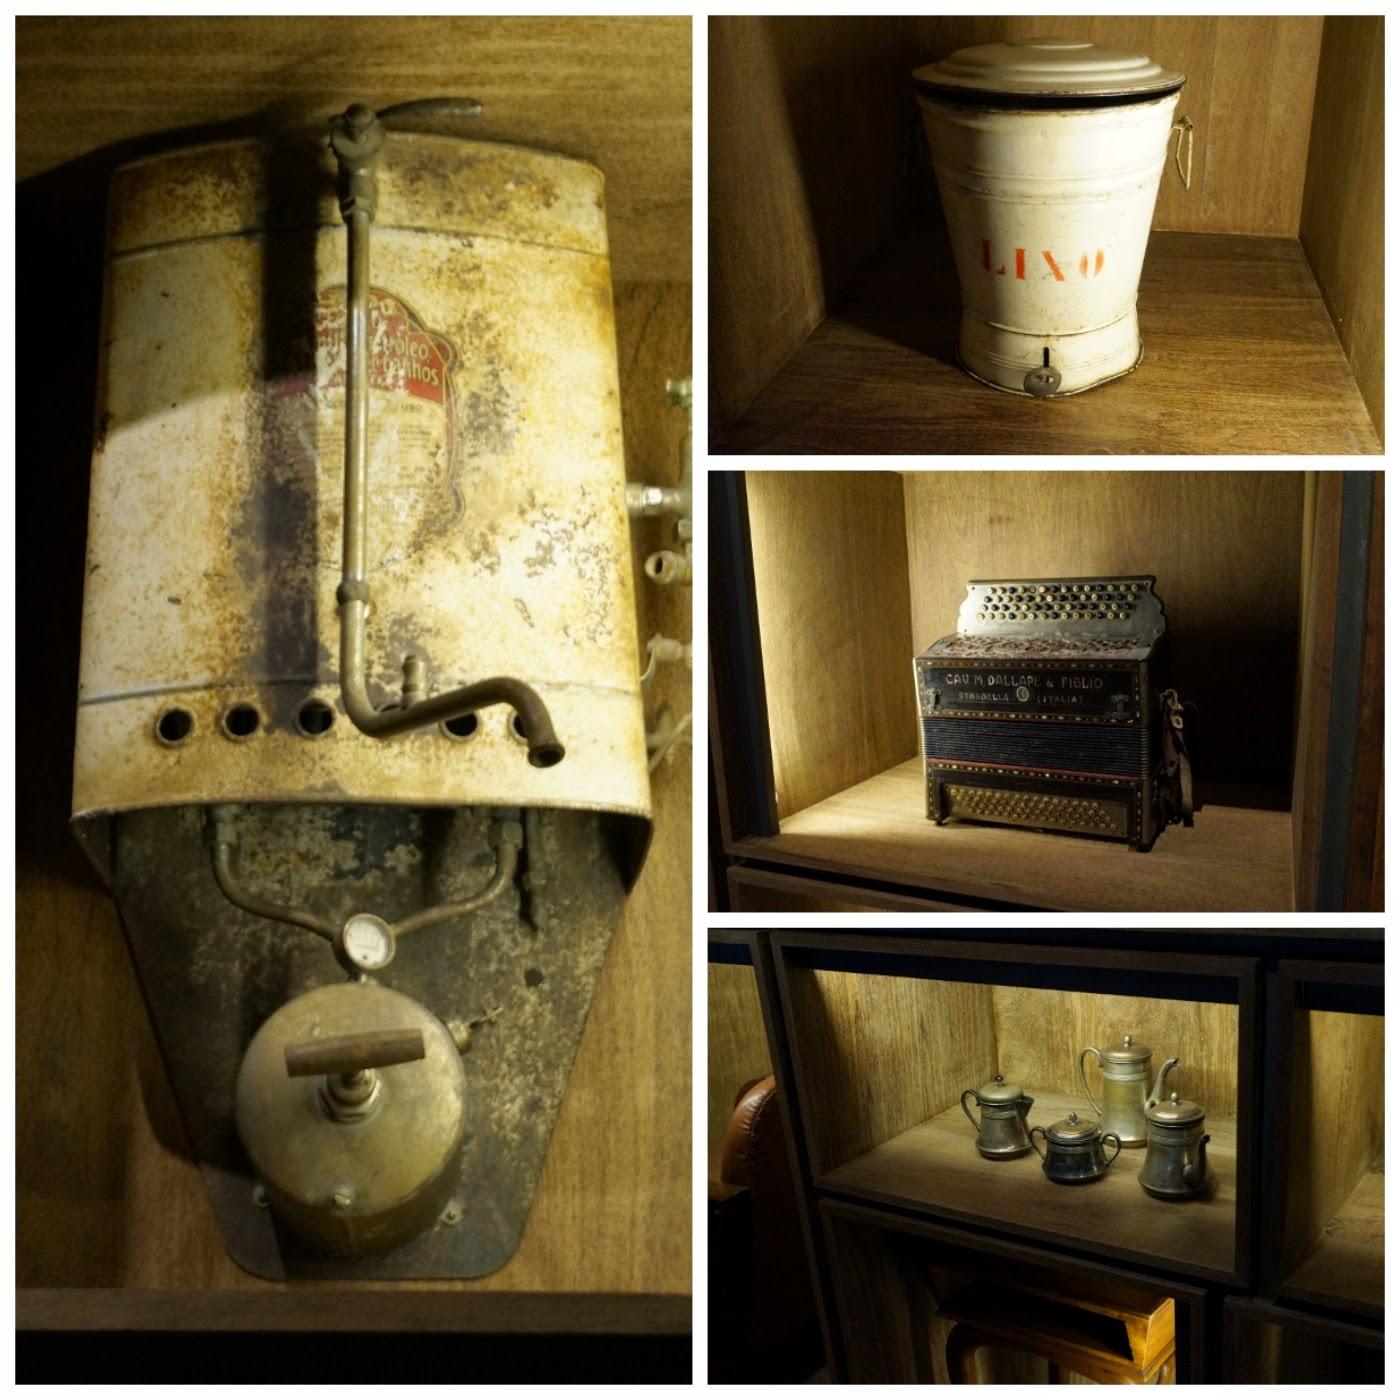 Museu da Imigração - SP: aquecedor a gás, lixo, instrumento musical (acordeon) e aparelho de chá e café